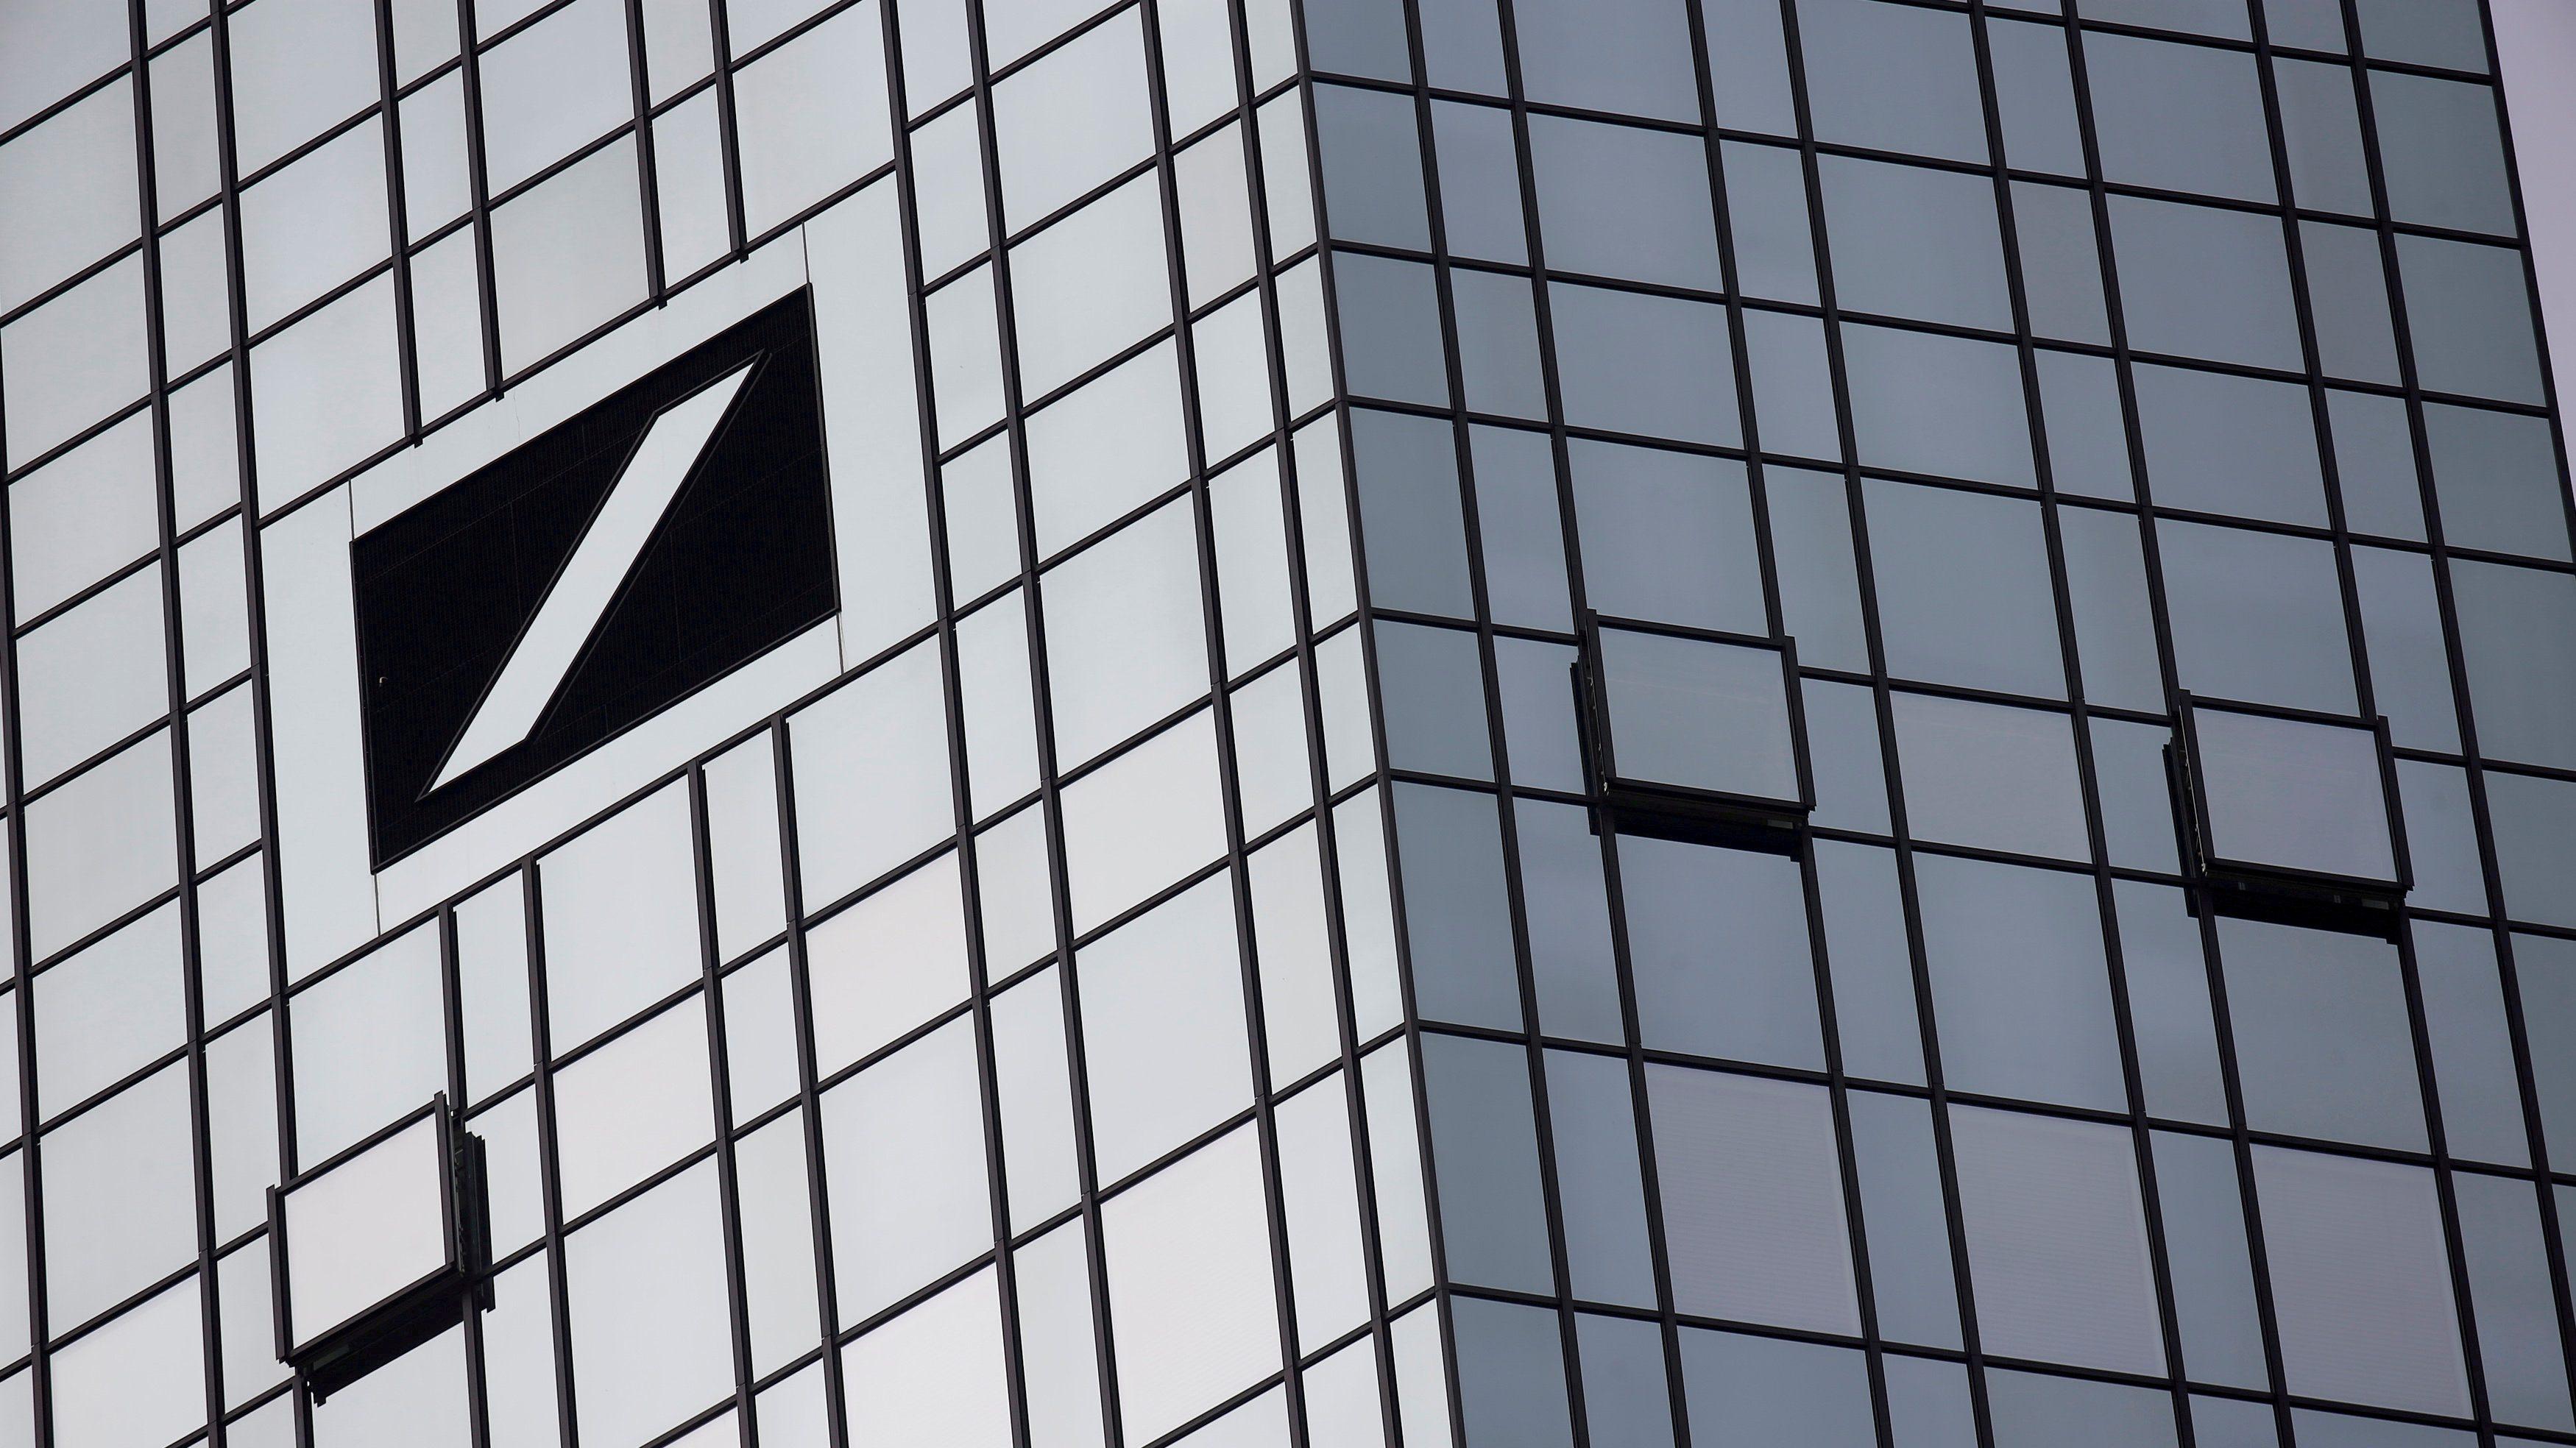 The Deutsche Bank headquarters are seen in Frankfurt, Germany October 29, 2015.